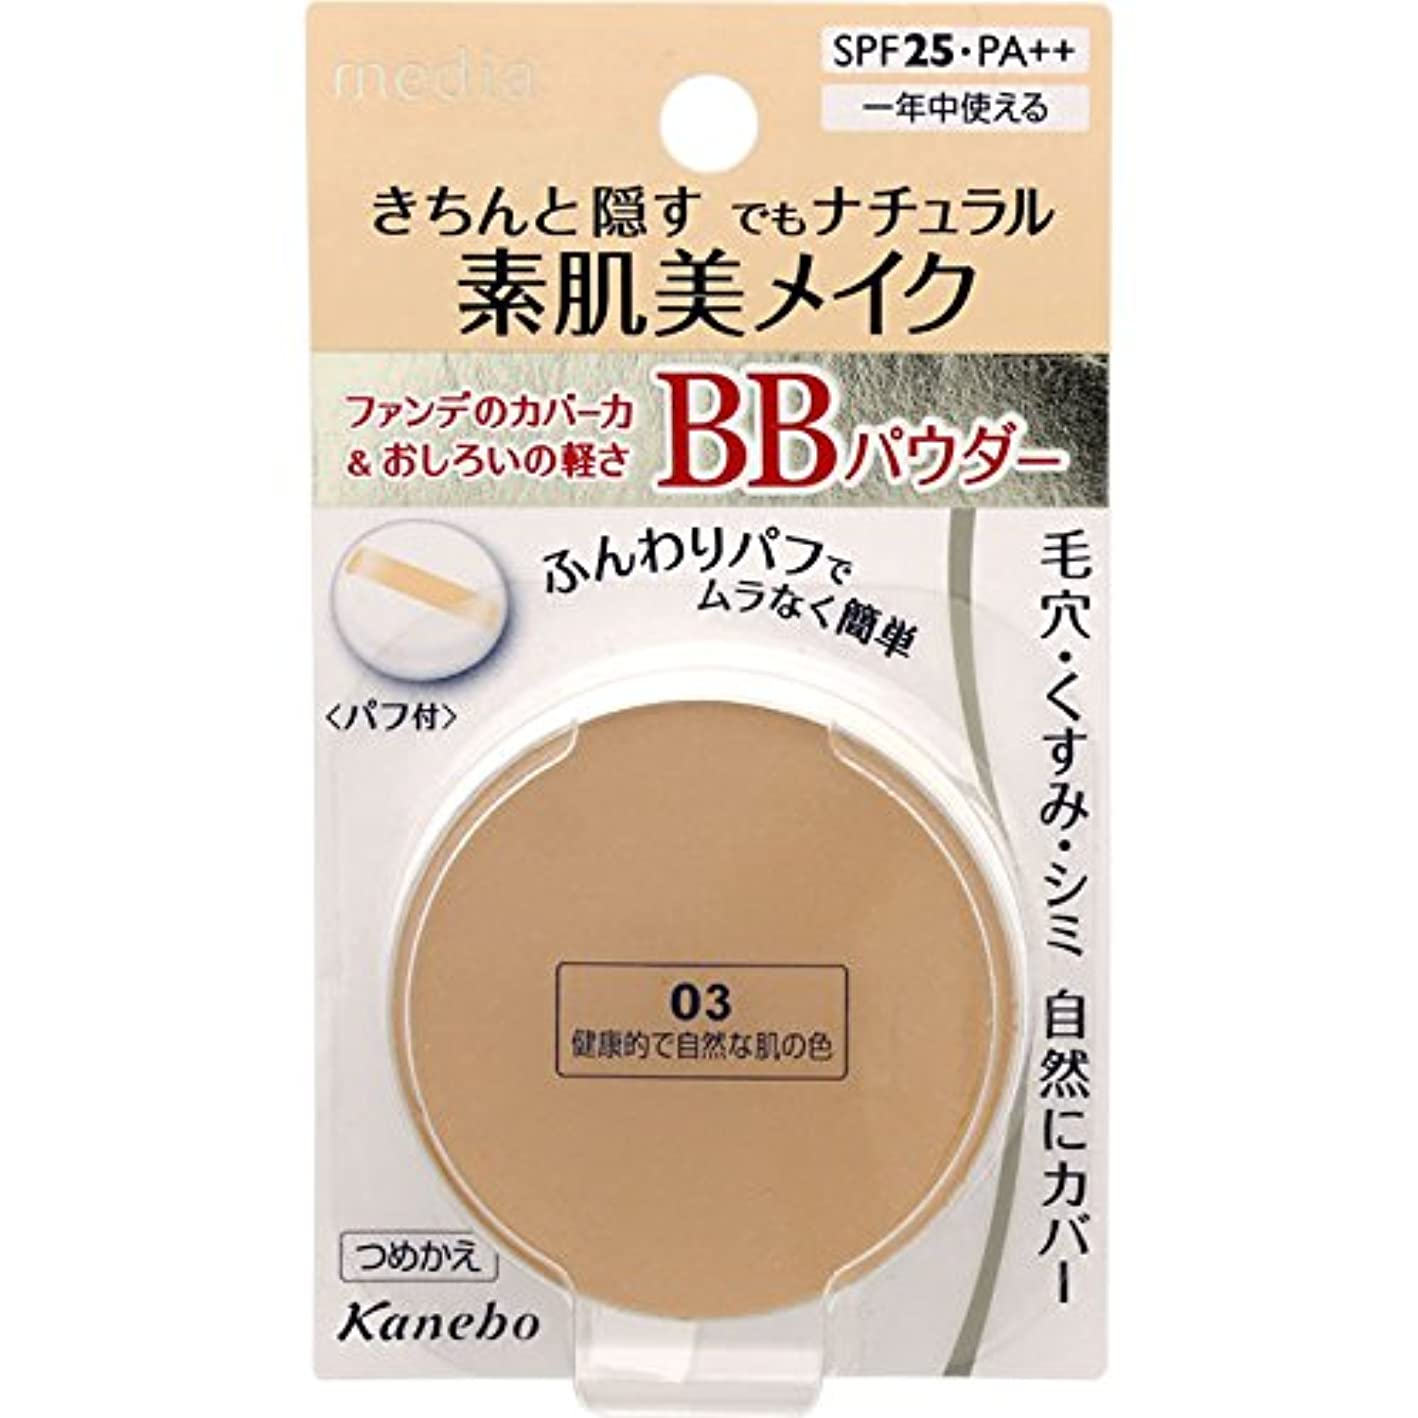 二層虐待ホイットニーメディアBBパウダー03(健康的で自然な肌の色)×5